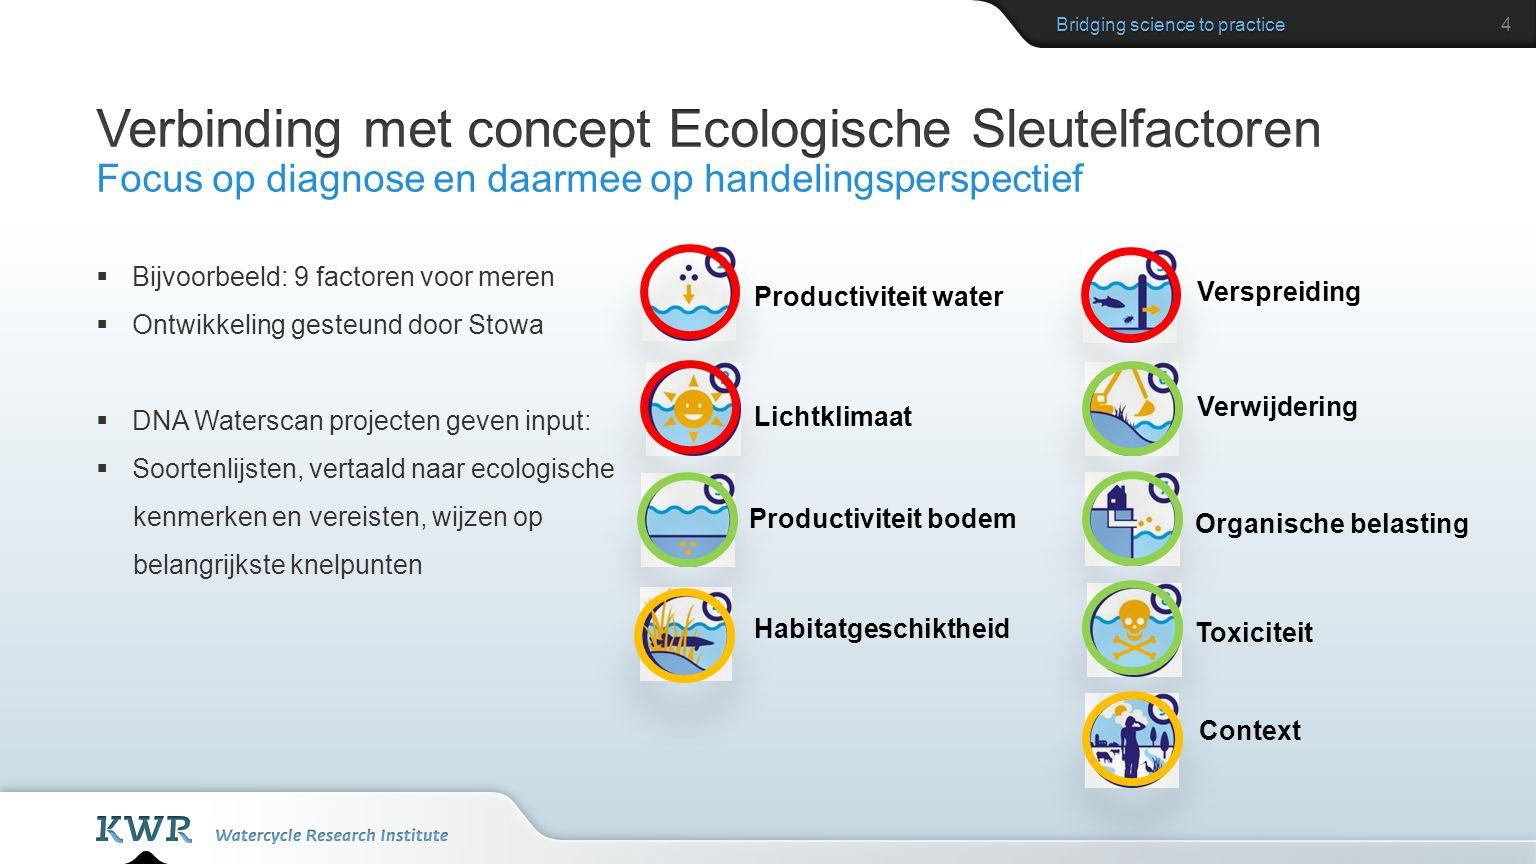 Verbinding met concept Ecologische Sleutelfactoren